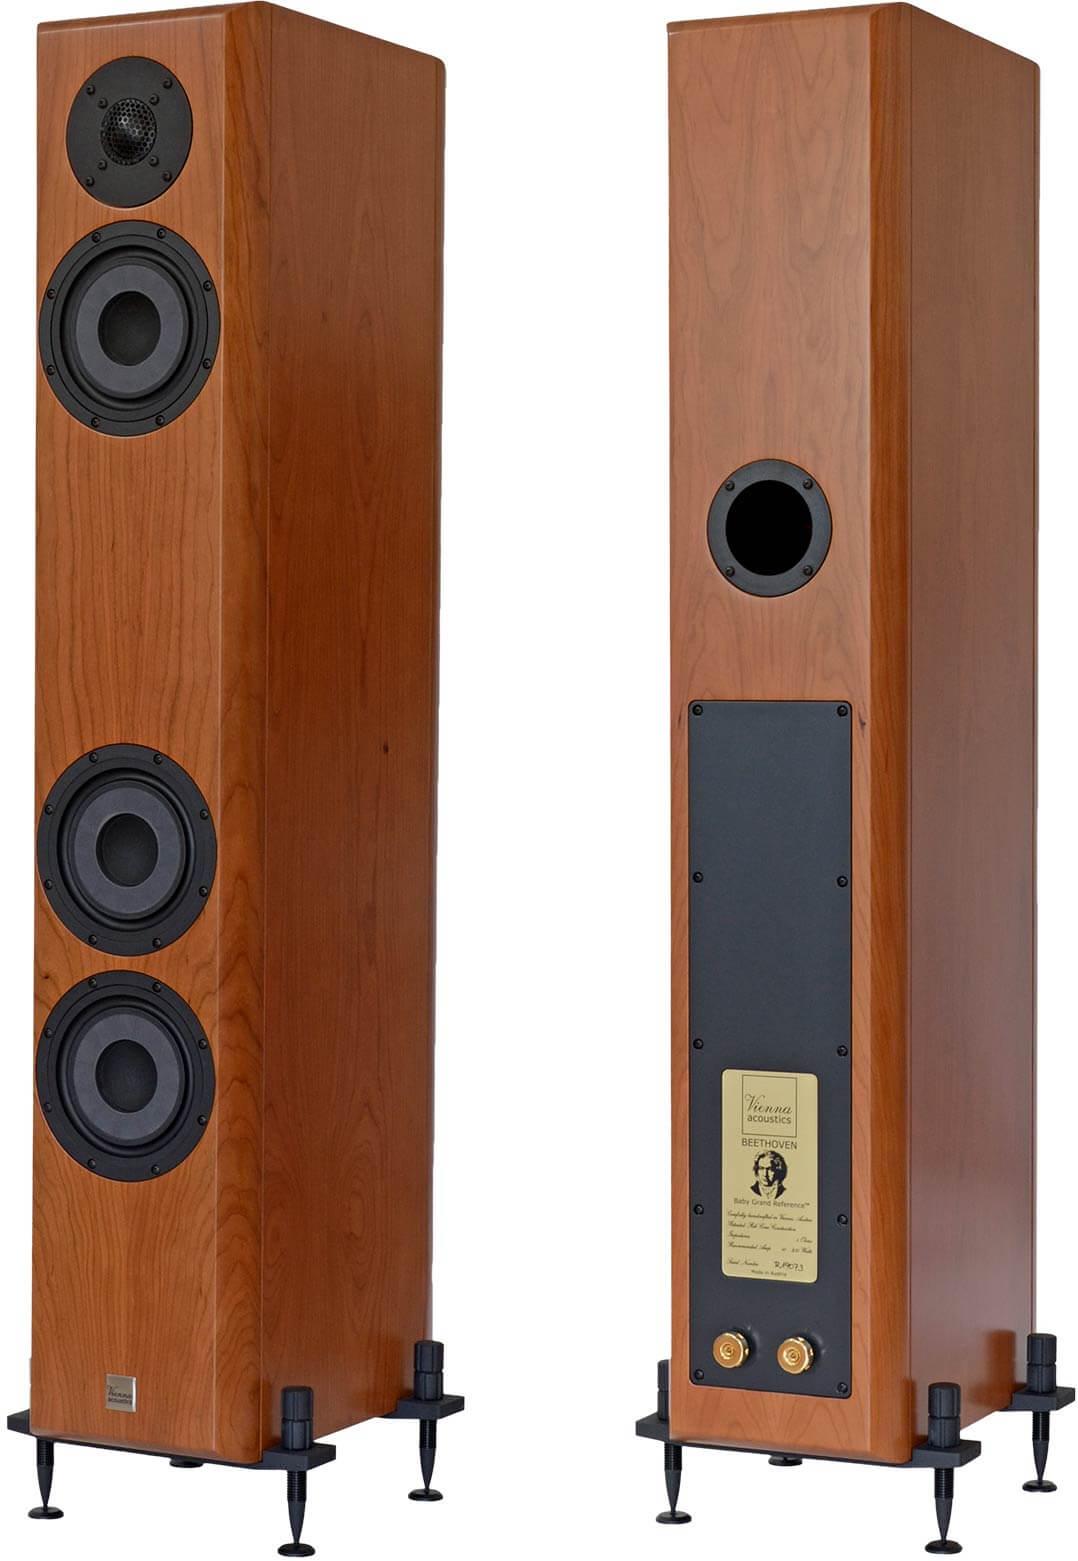 Vienna Acoustics Beethoven Baby Grend Reference, vorder- und Rückseite